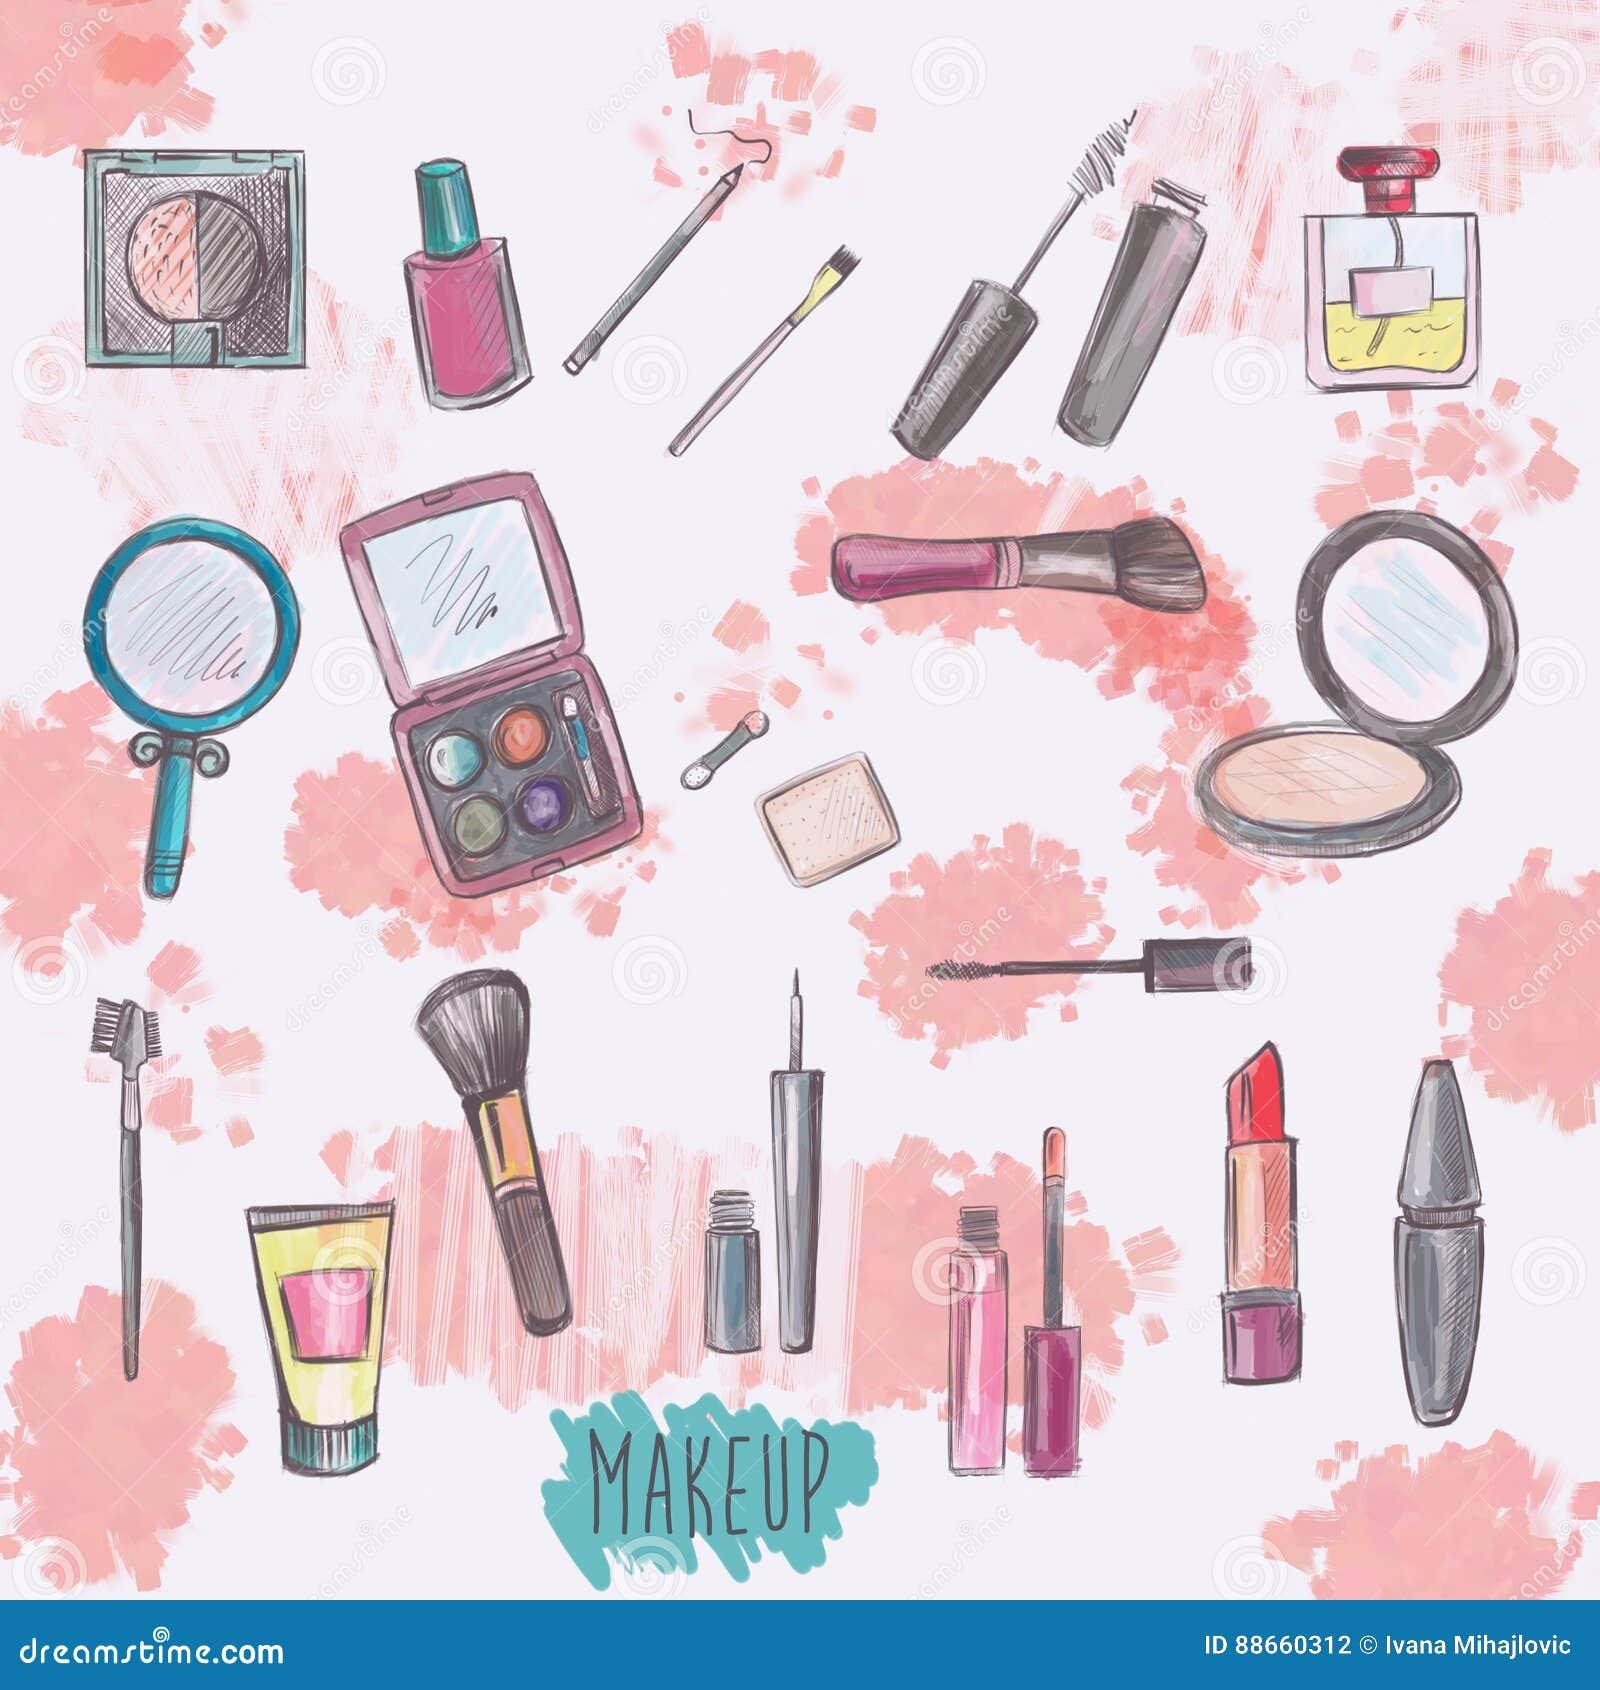 συρμένα προϊόντα απεικόνισης χεριών makeup που τίθενται διανυσματικά